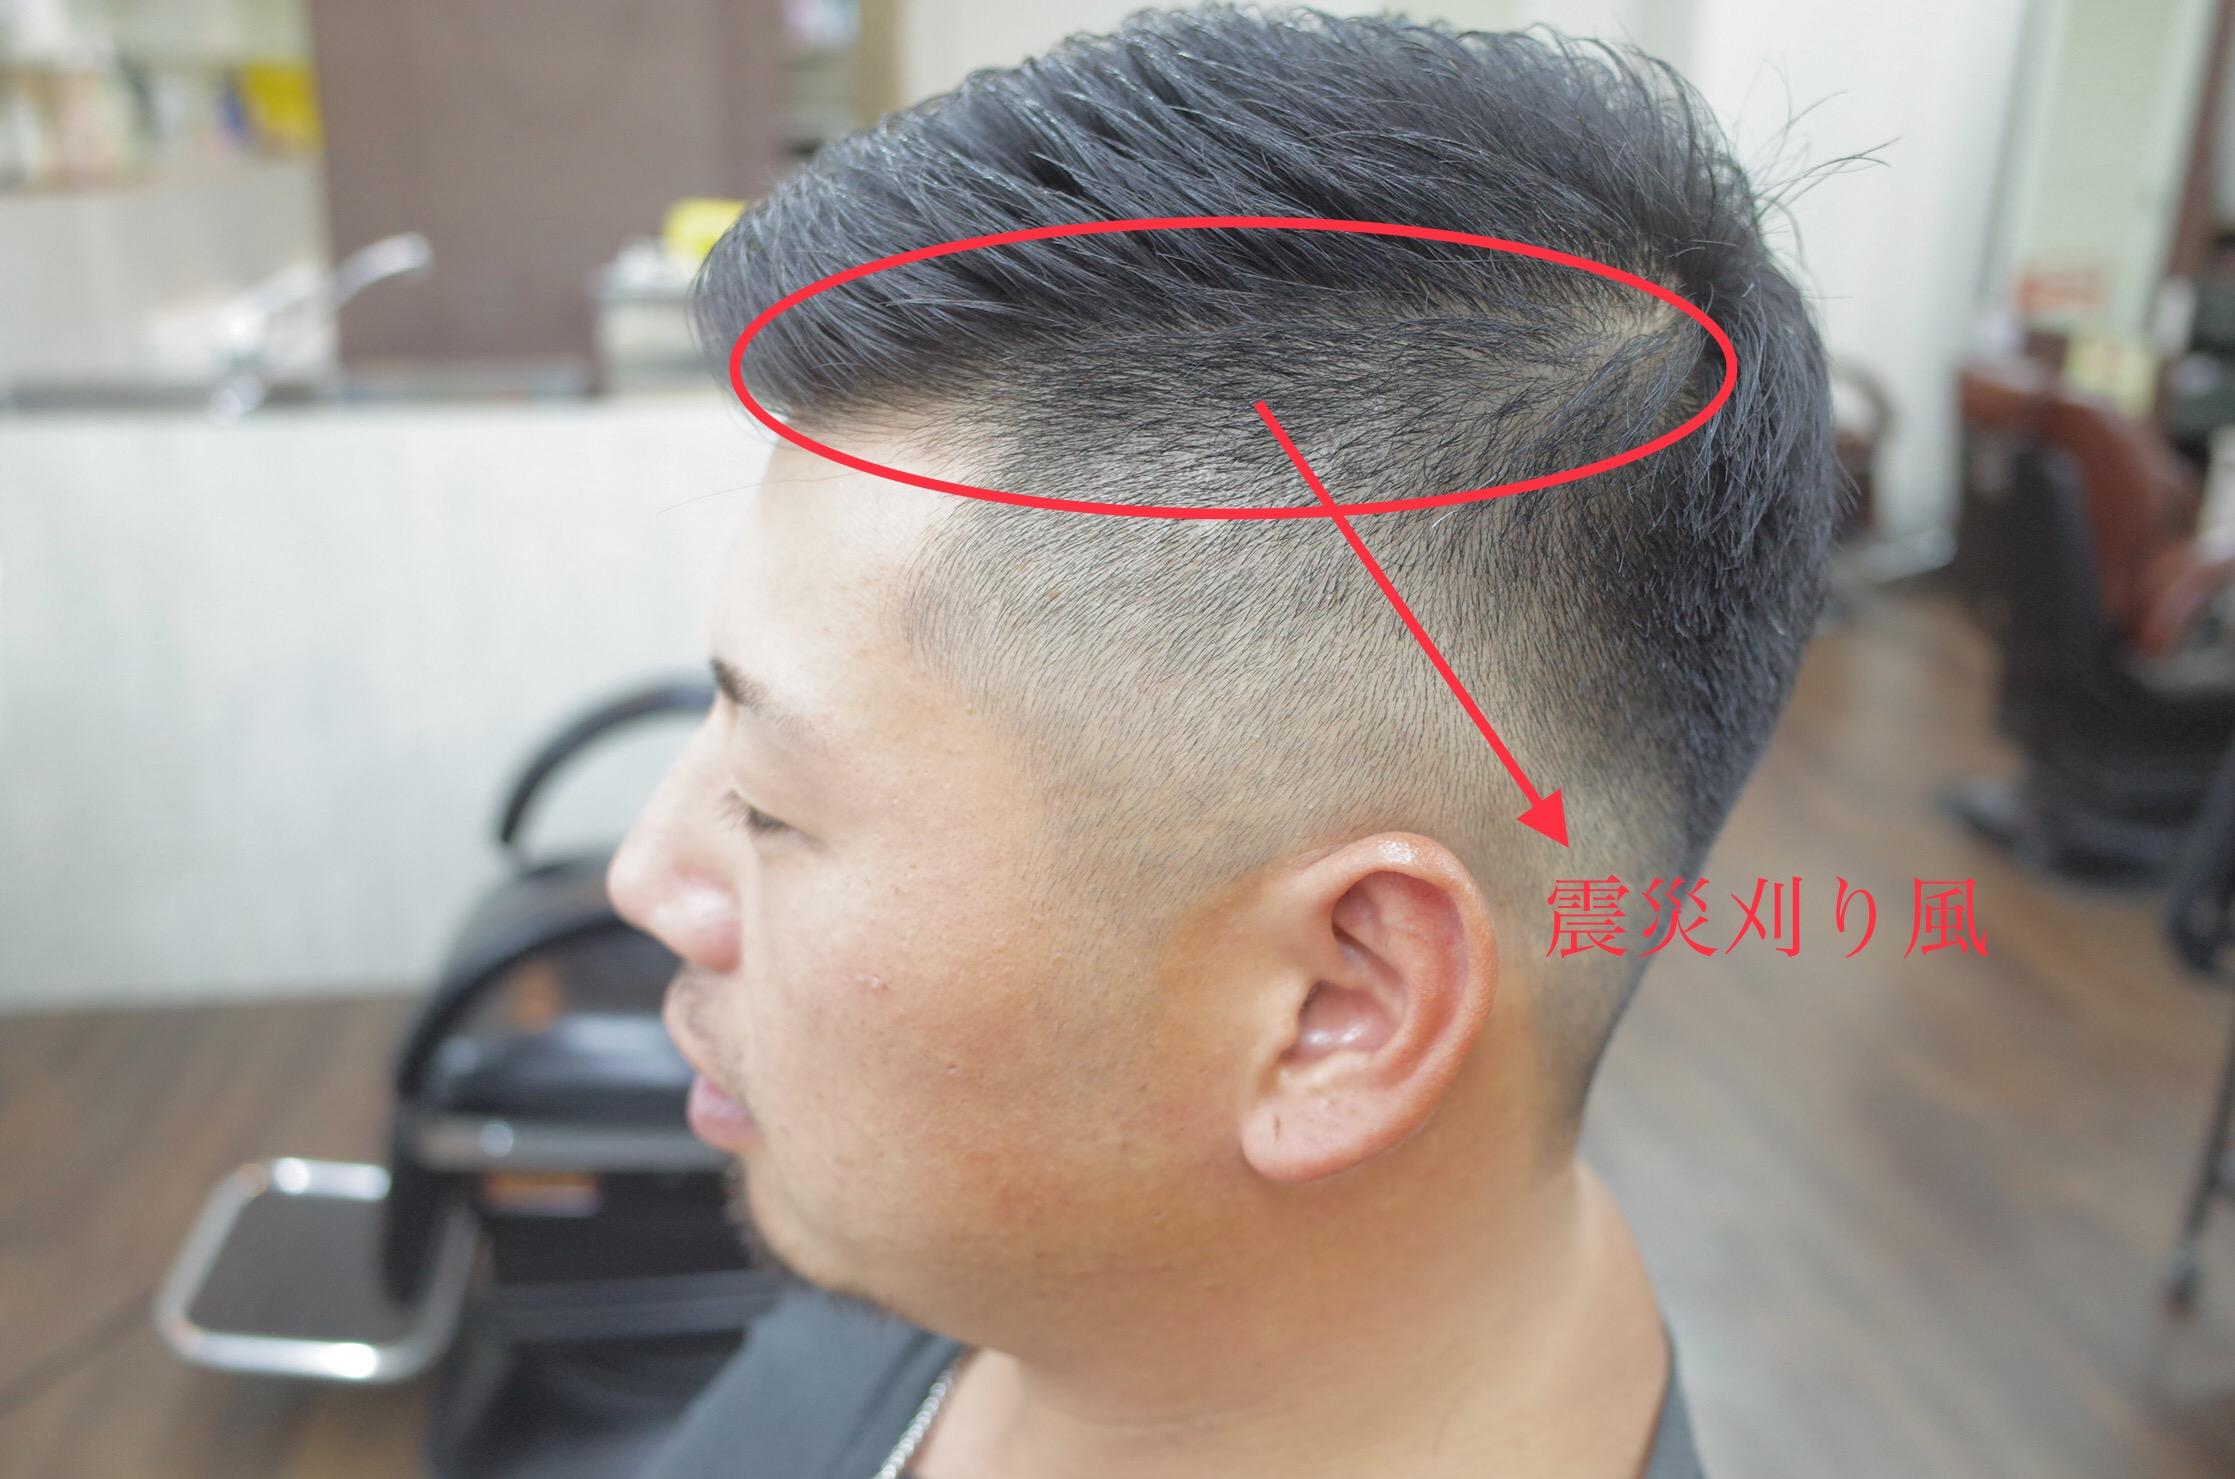 ケンコバの髪型のカットのやり方について説明する様子